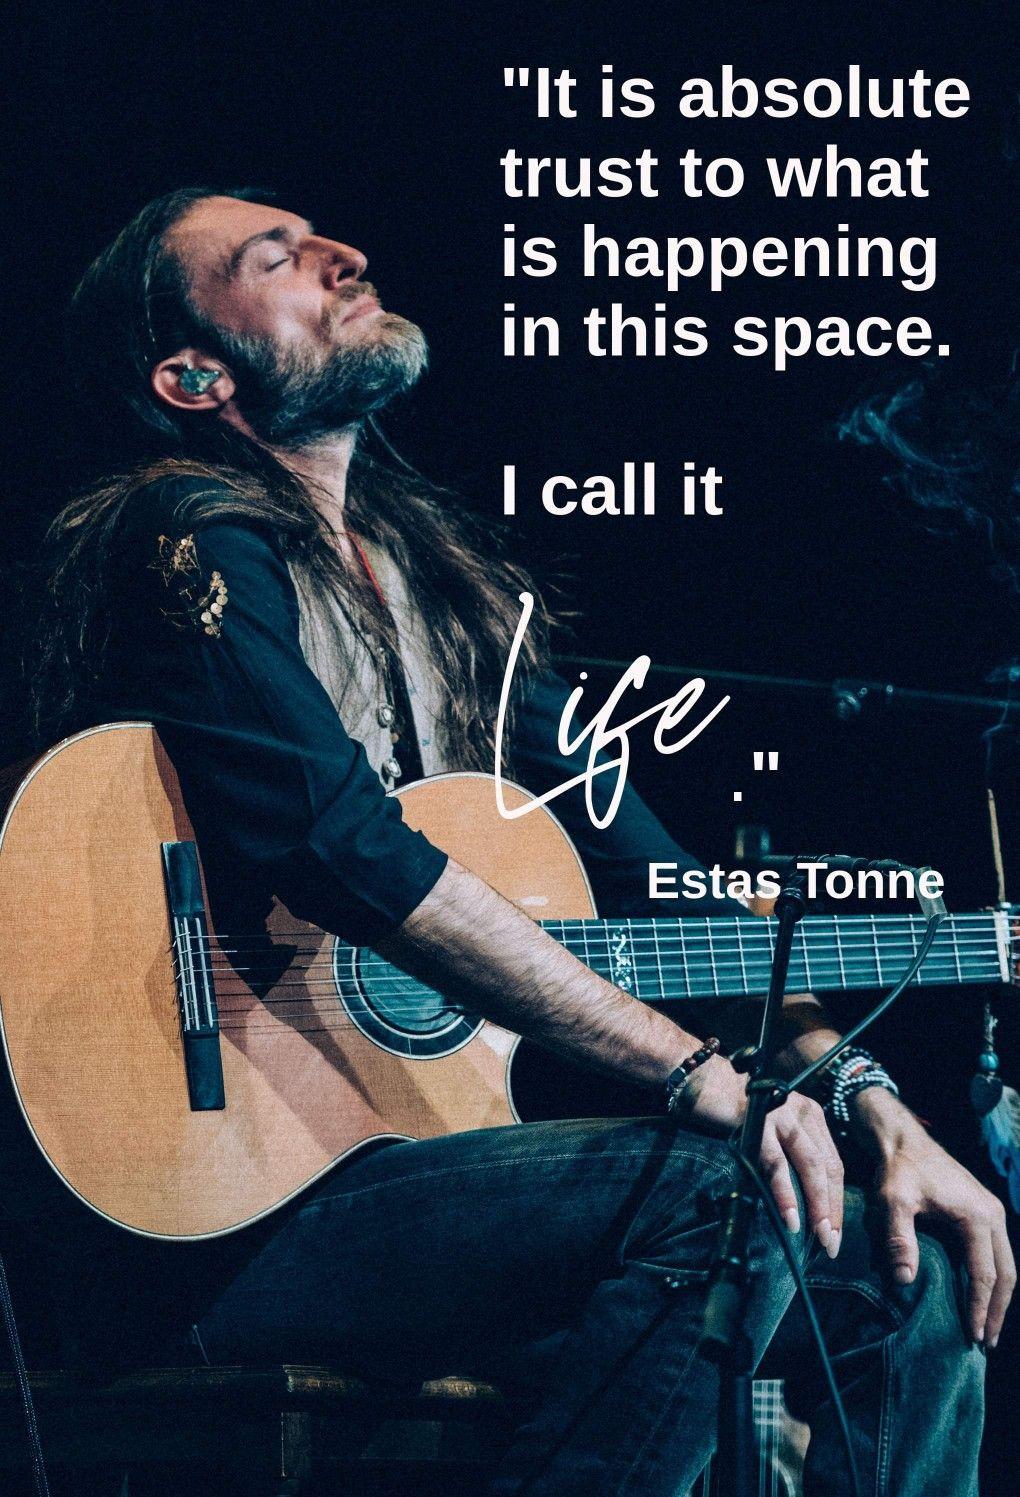 Estas Tonne quote  Photo by Geri Dagys  #estastonne #guitar